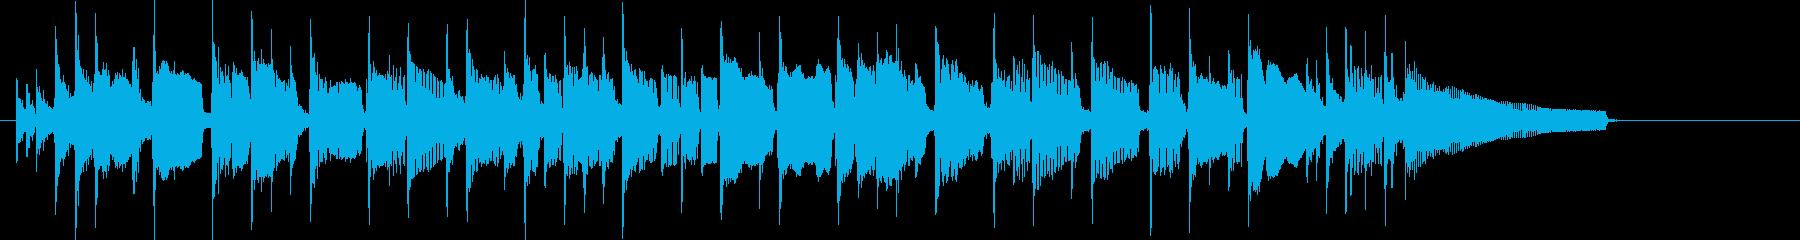 ちょっと一息、ブレイクタイムなジングル…の再生済みの波形